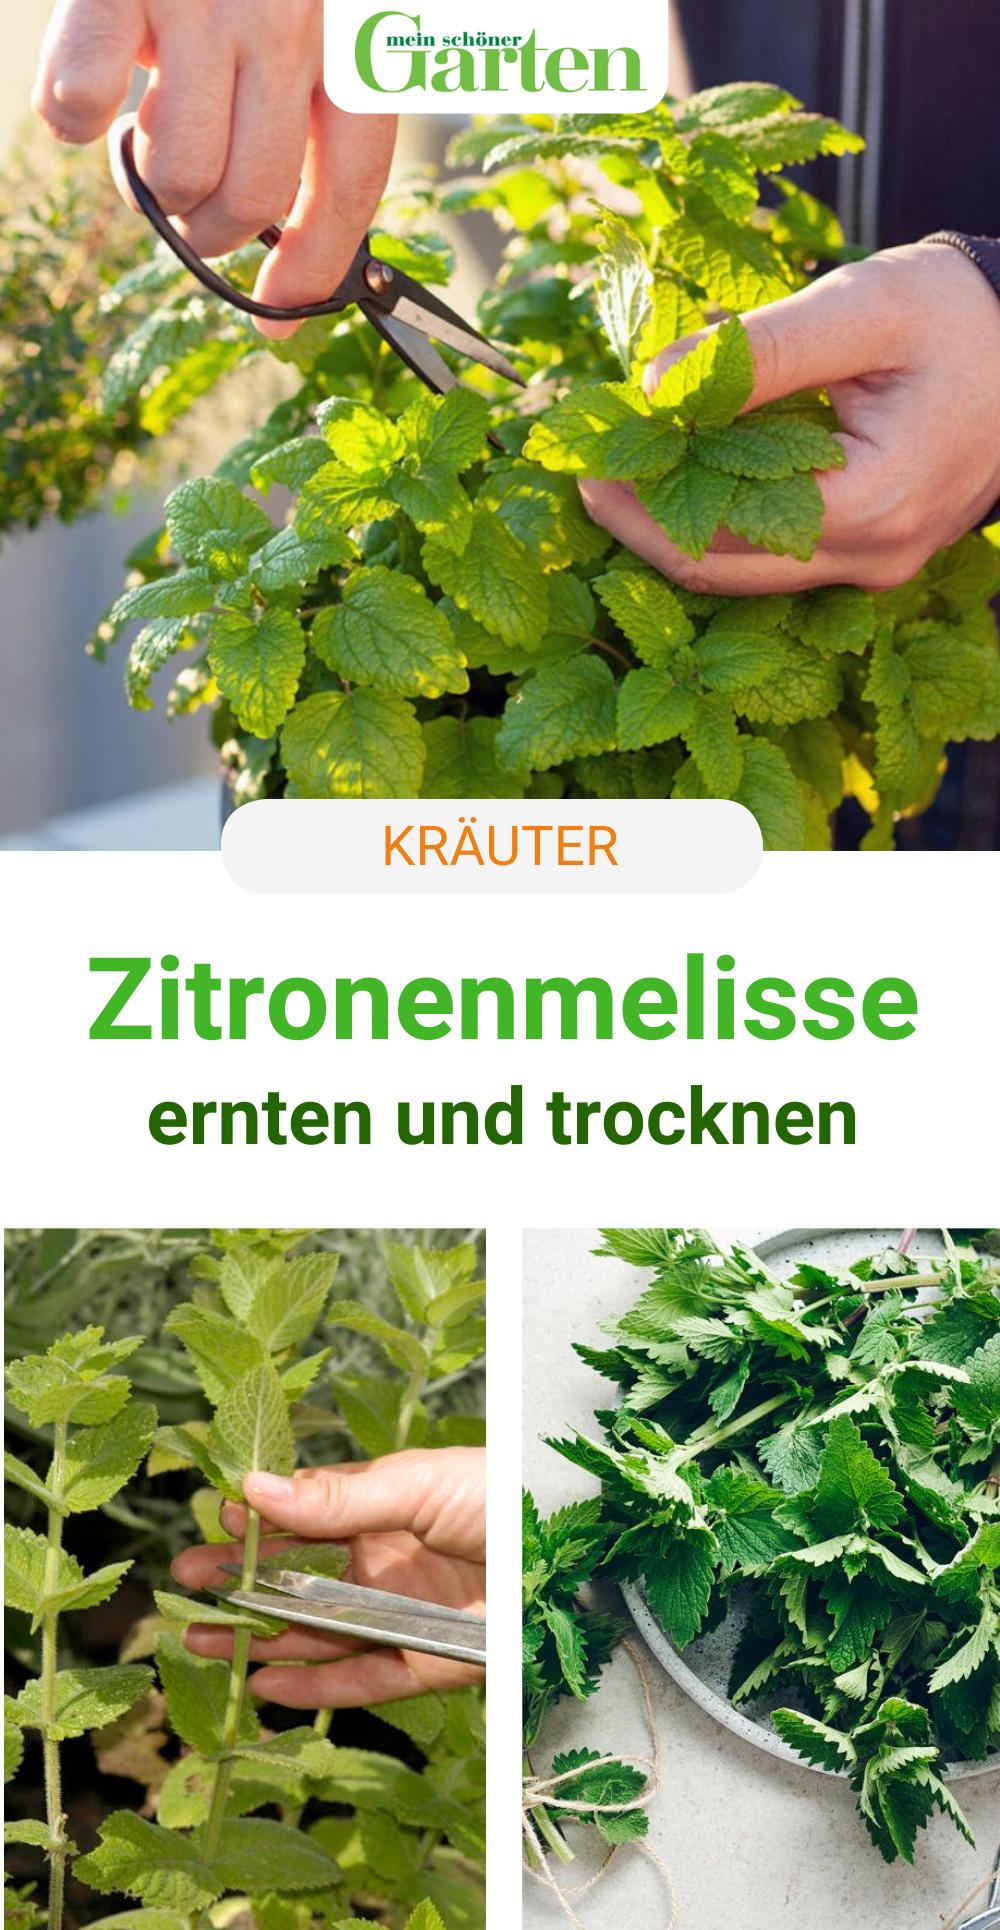 Zitronenmelisse Ernten Und Trocknen So Geht S In 2020 Krauter Anpflanzen Zitronenmelisse Unkraut Im Garten